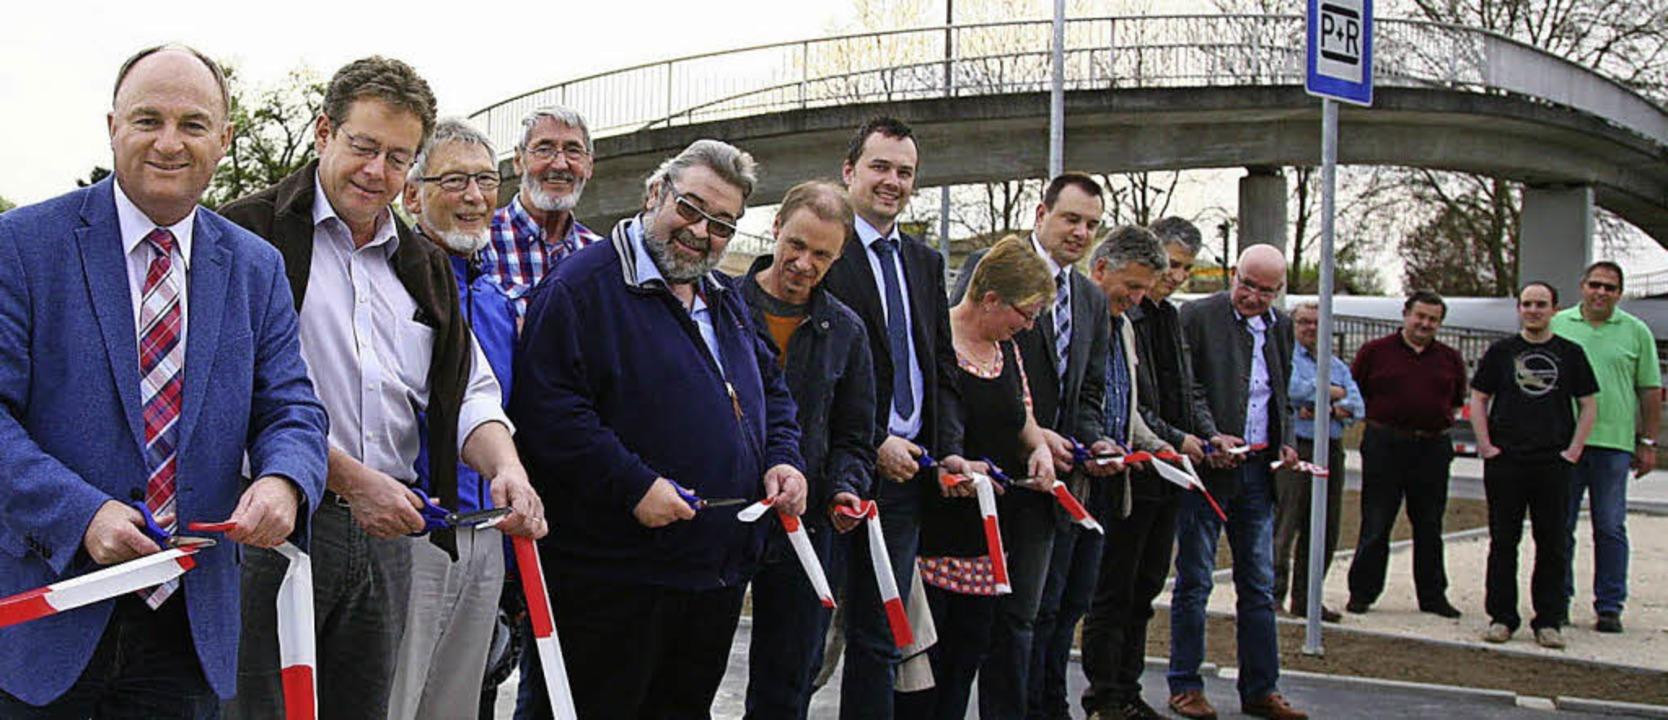 Gemeinsam wird beim  Orschweier Bahnhof des Ende der Bauarbeiten gefeiert.     Foto: Sandra Decoux-Kone